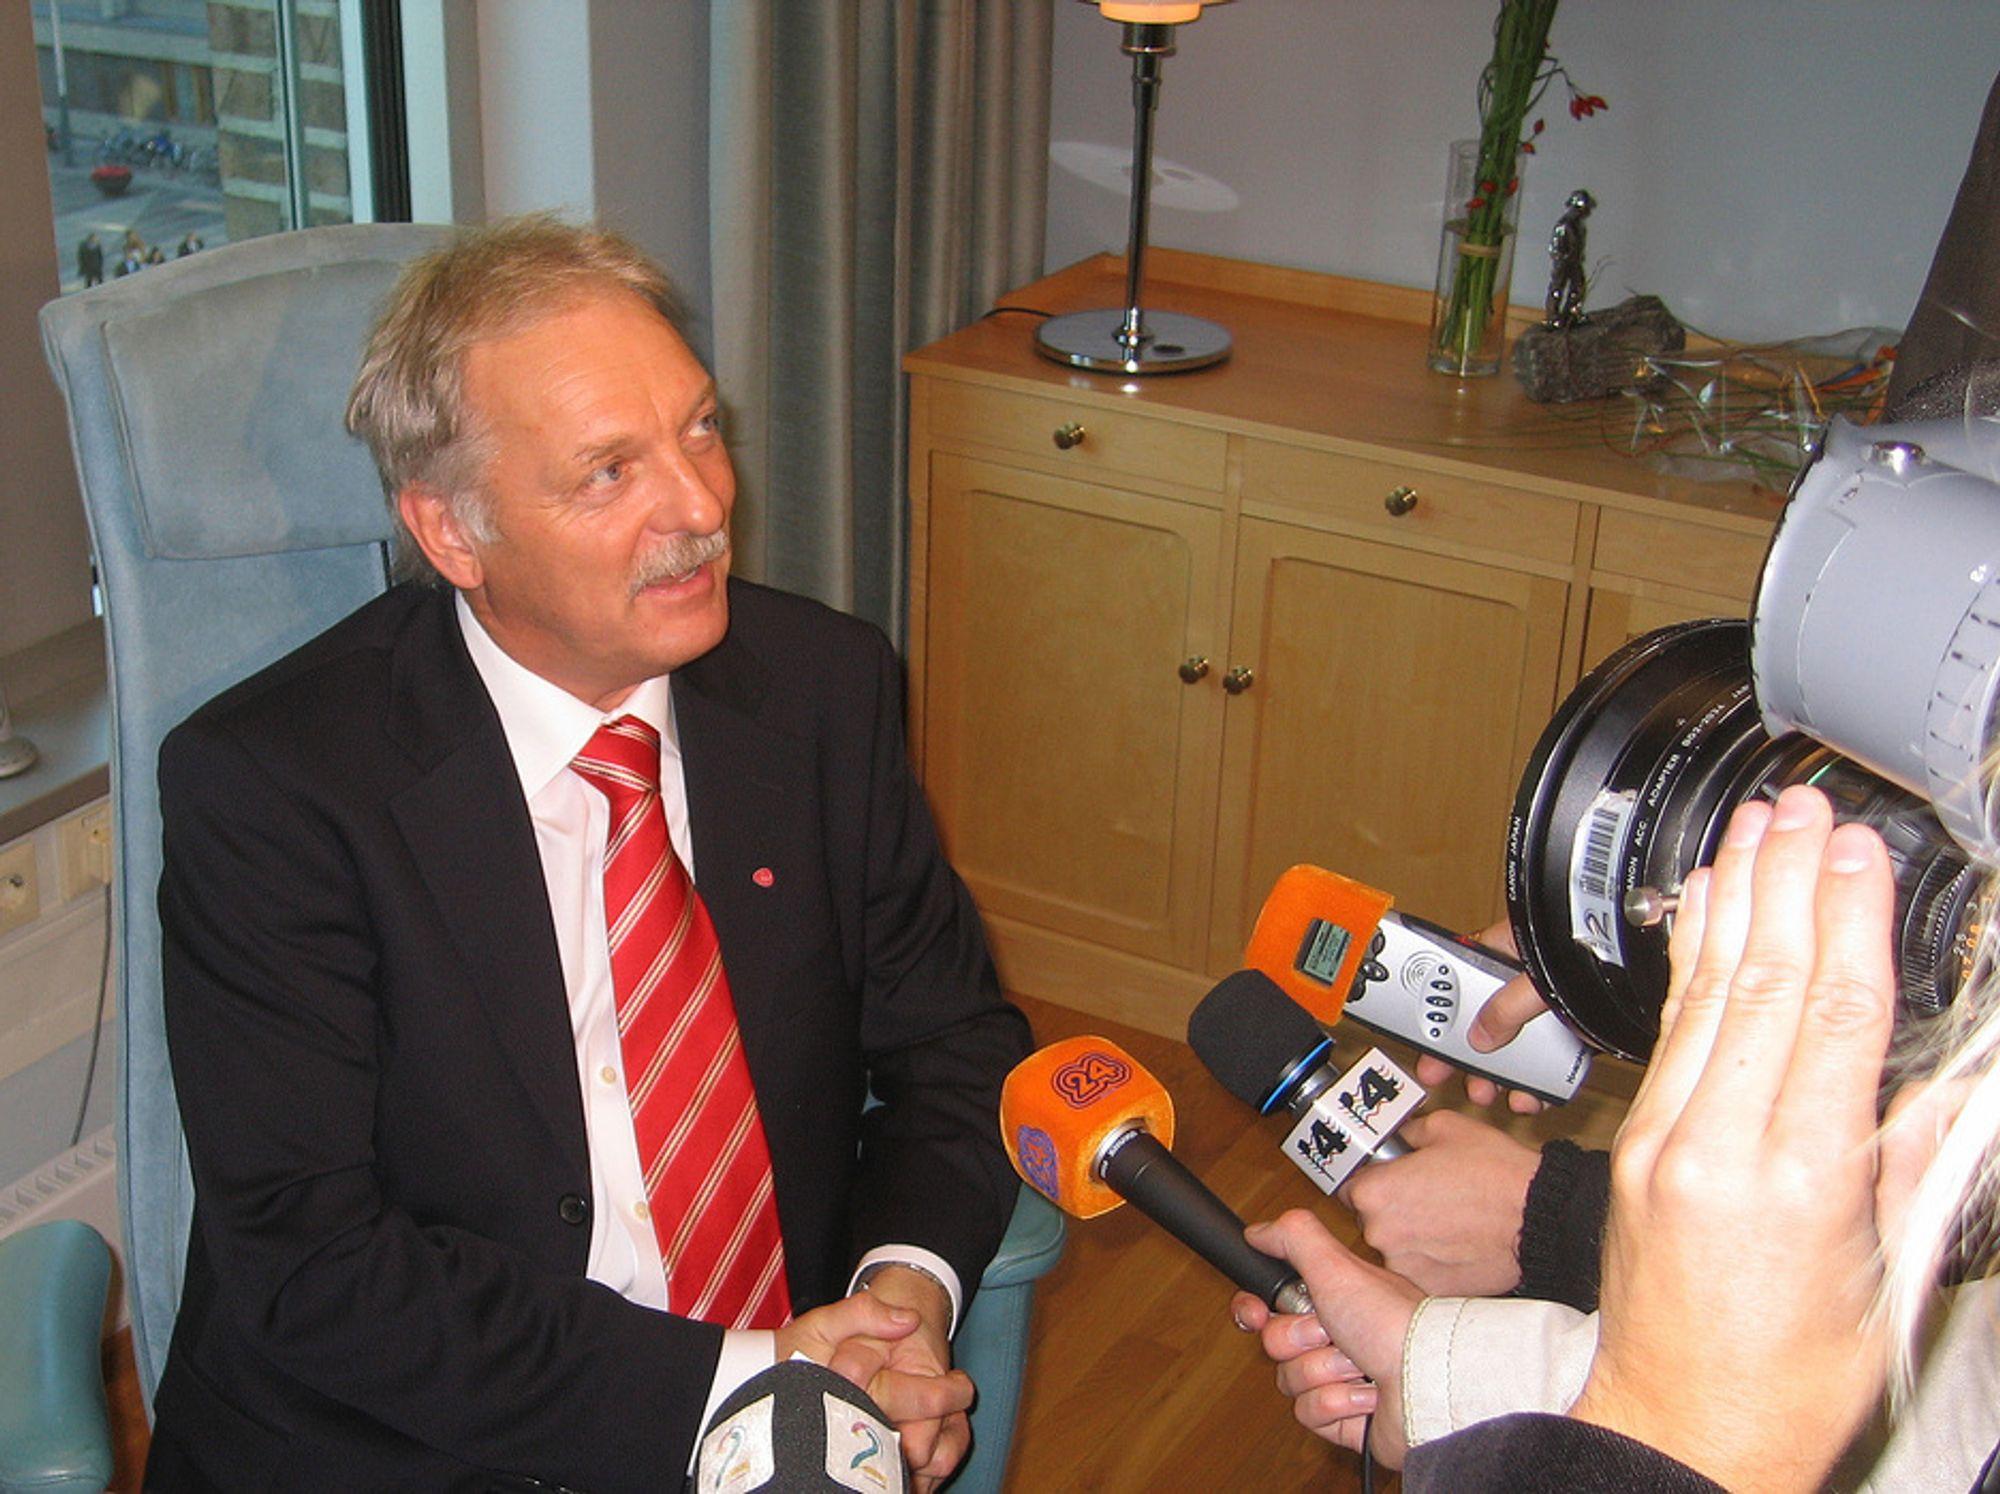 Nærings- og handelsminister Odd Eriksen (Ap)